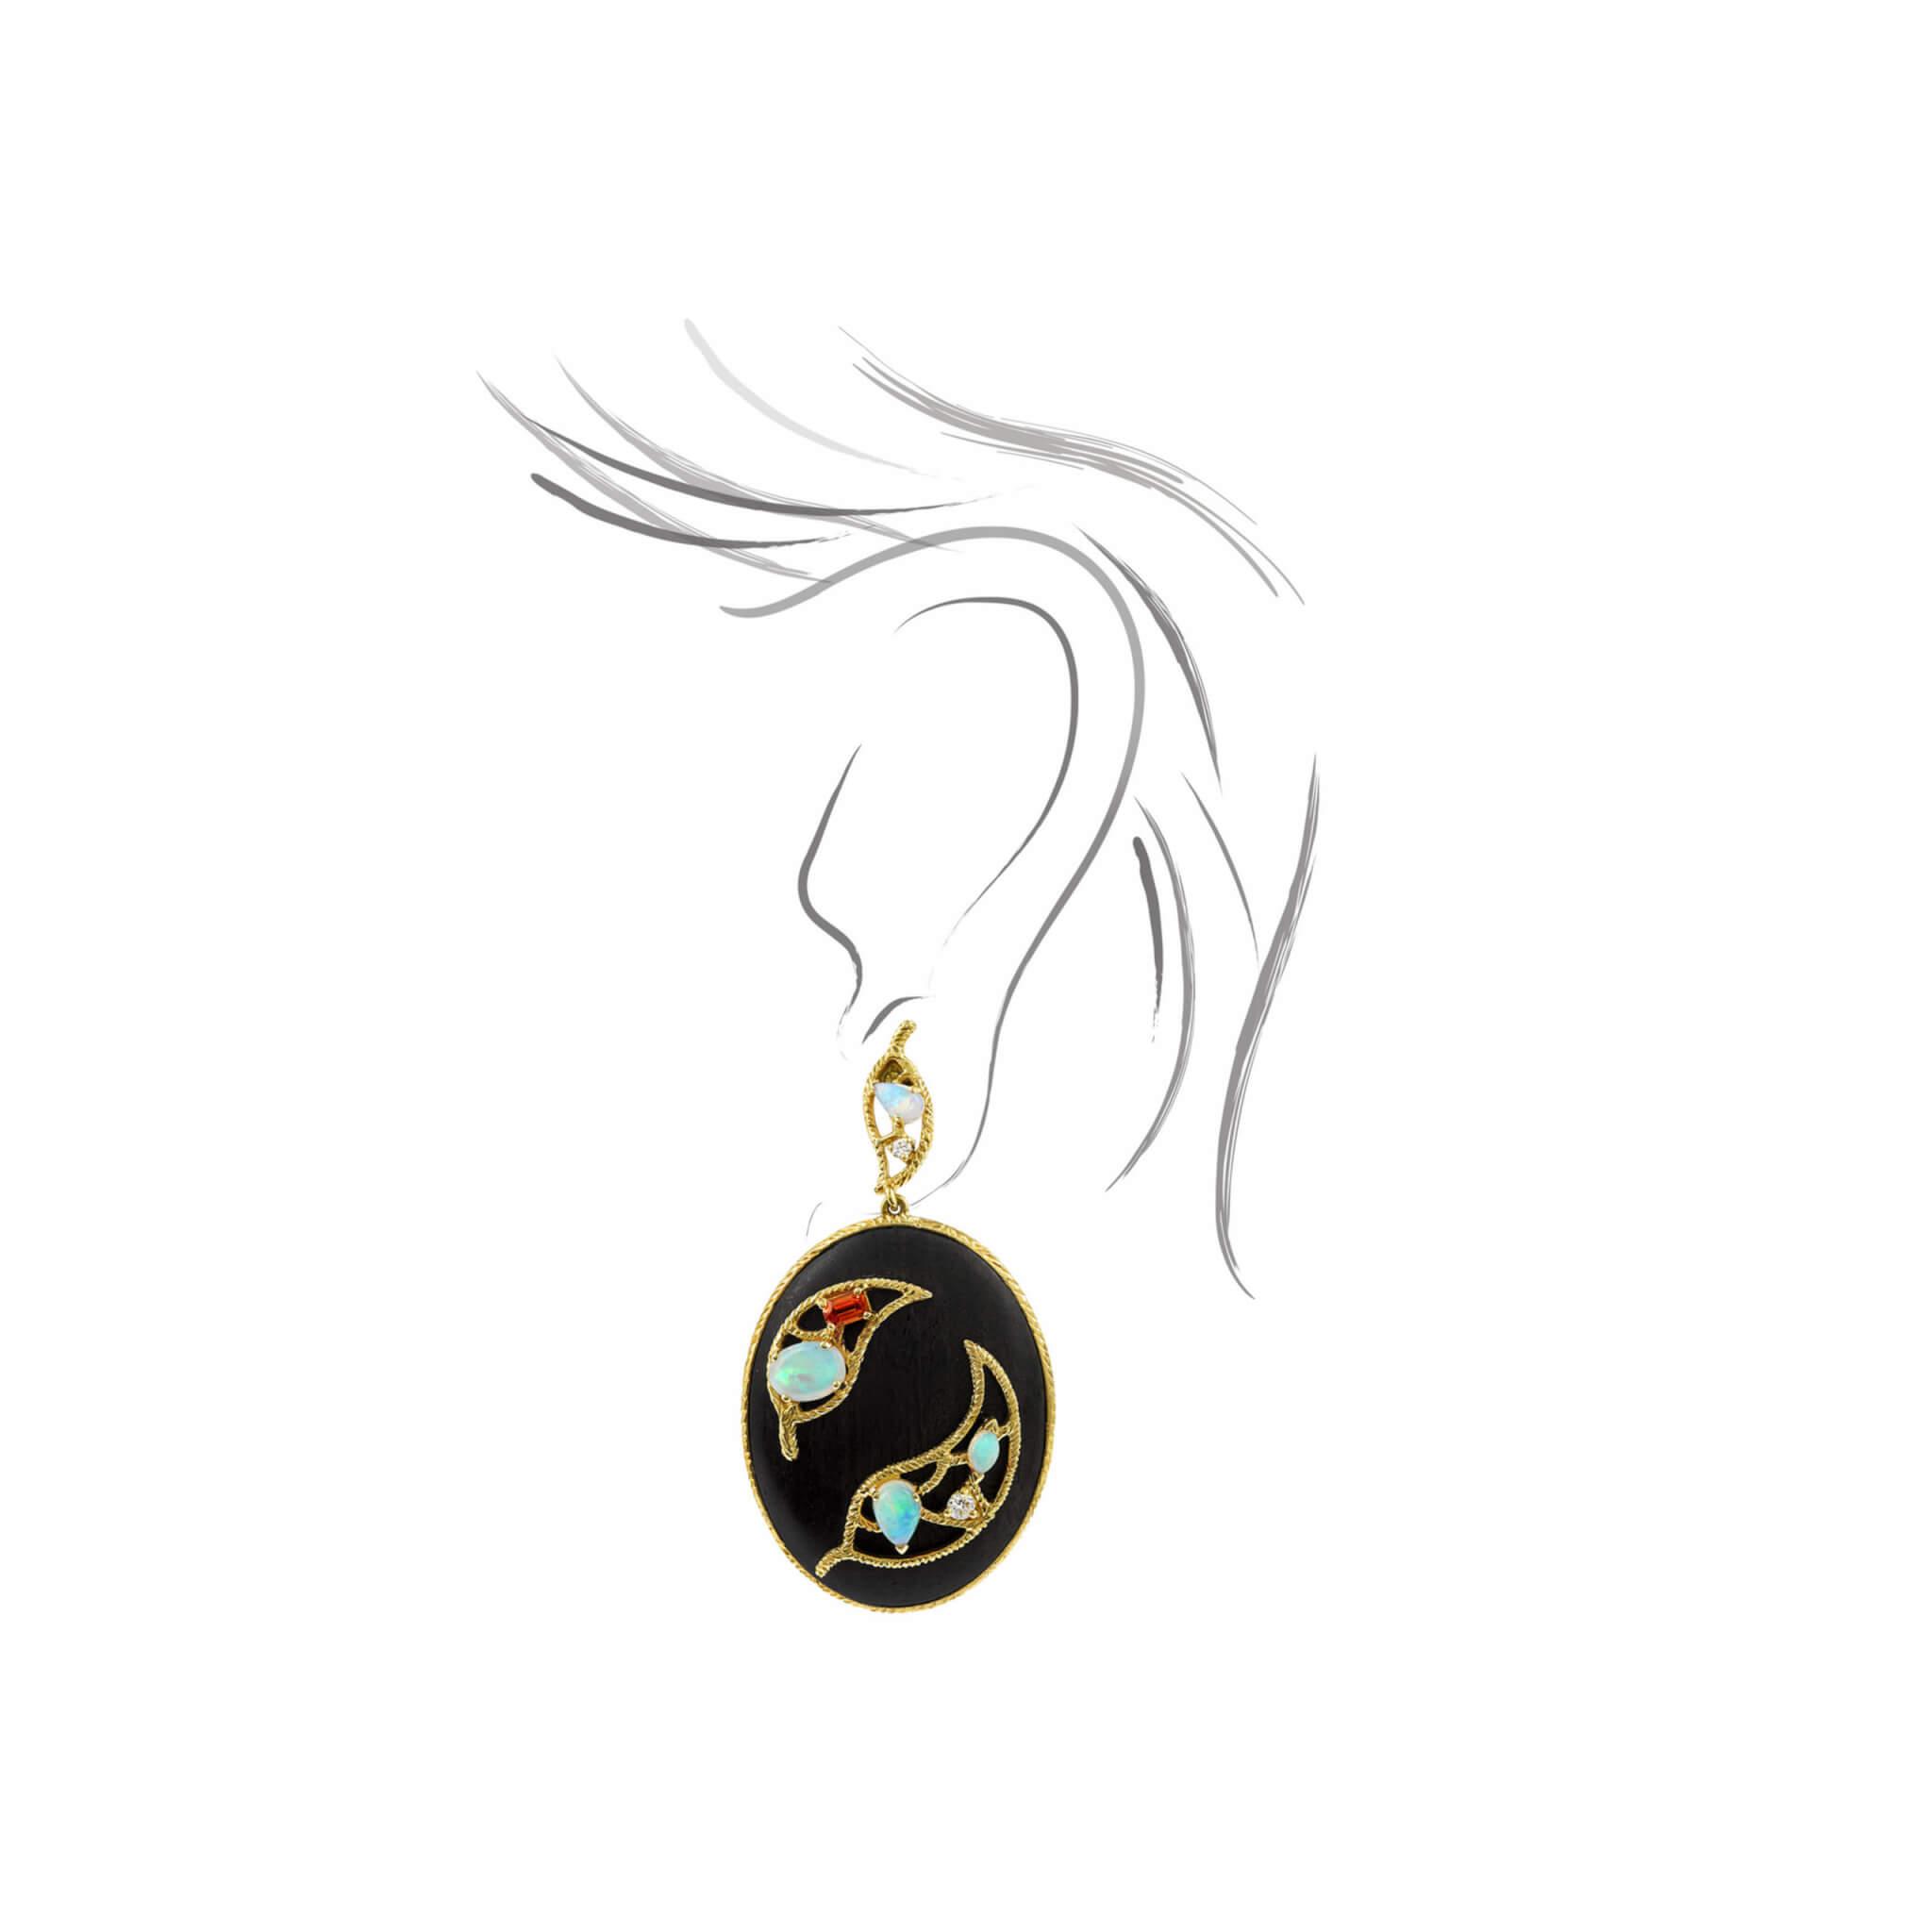 Ebene boucle d'oreilles or jaune opale